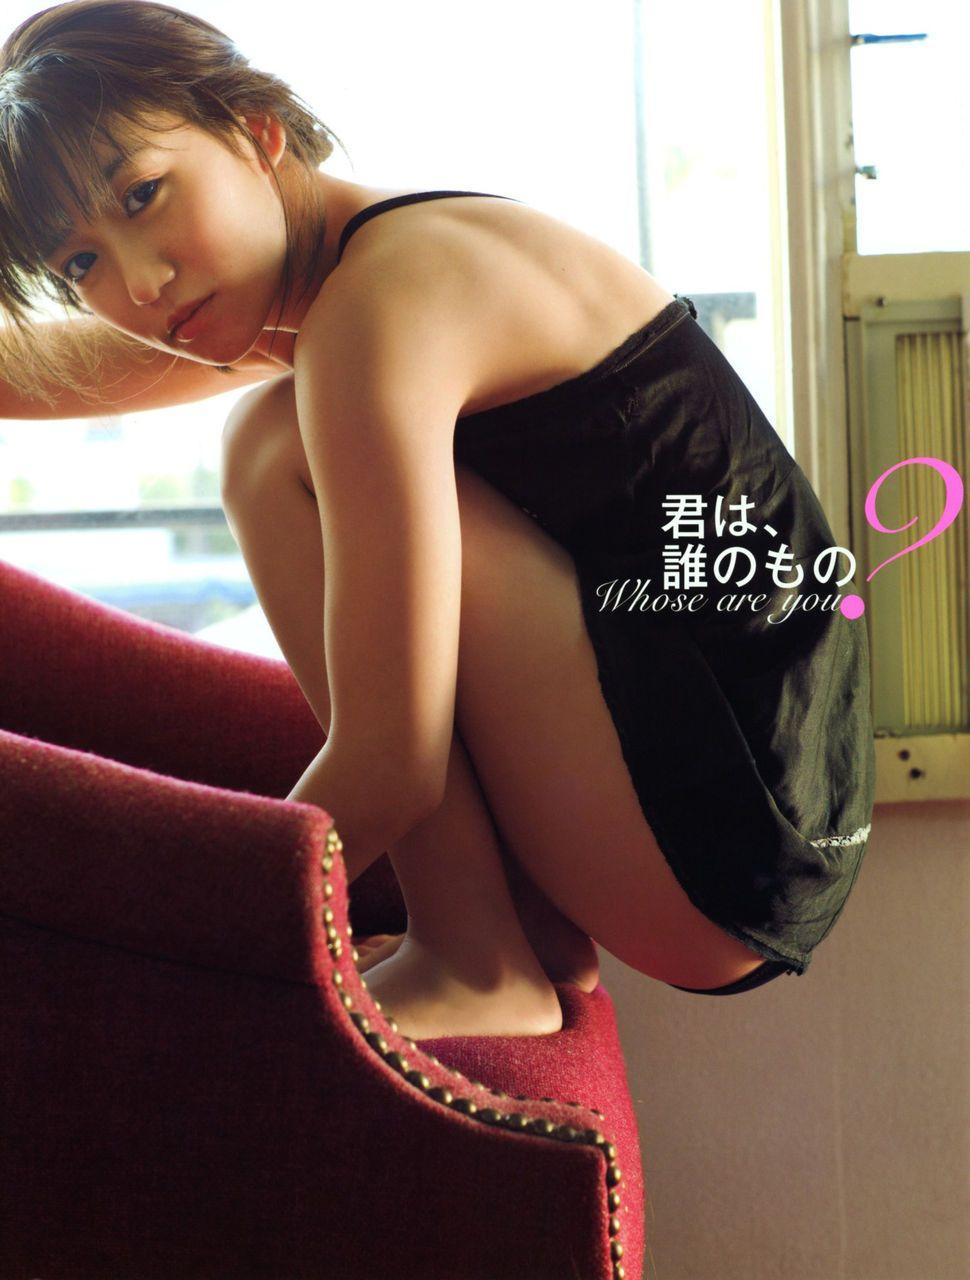 大島優子の写真集「君は、誰のもの?」表紙